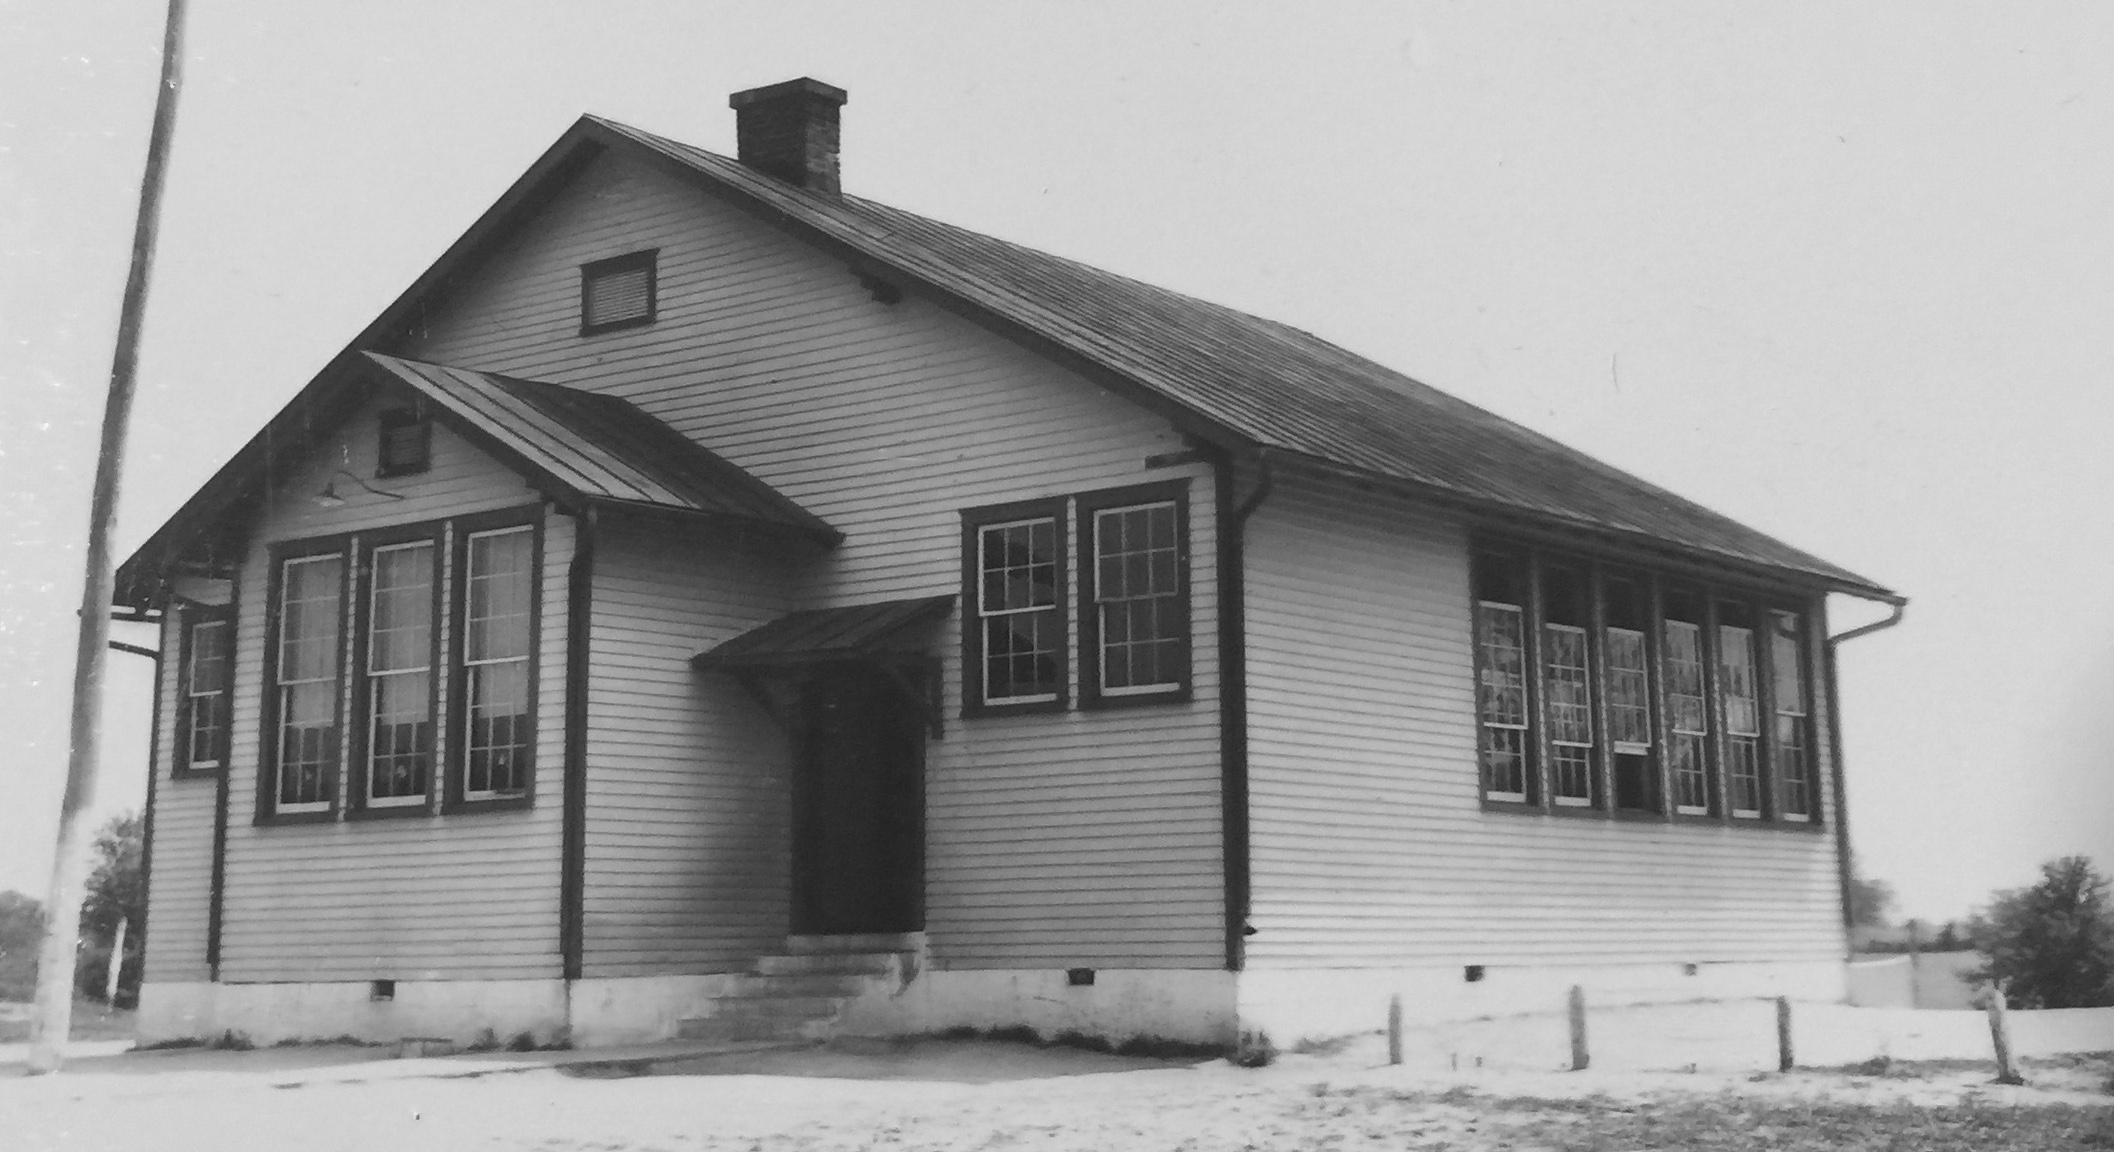 Rosenwald Schools in Virginia MPD